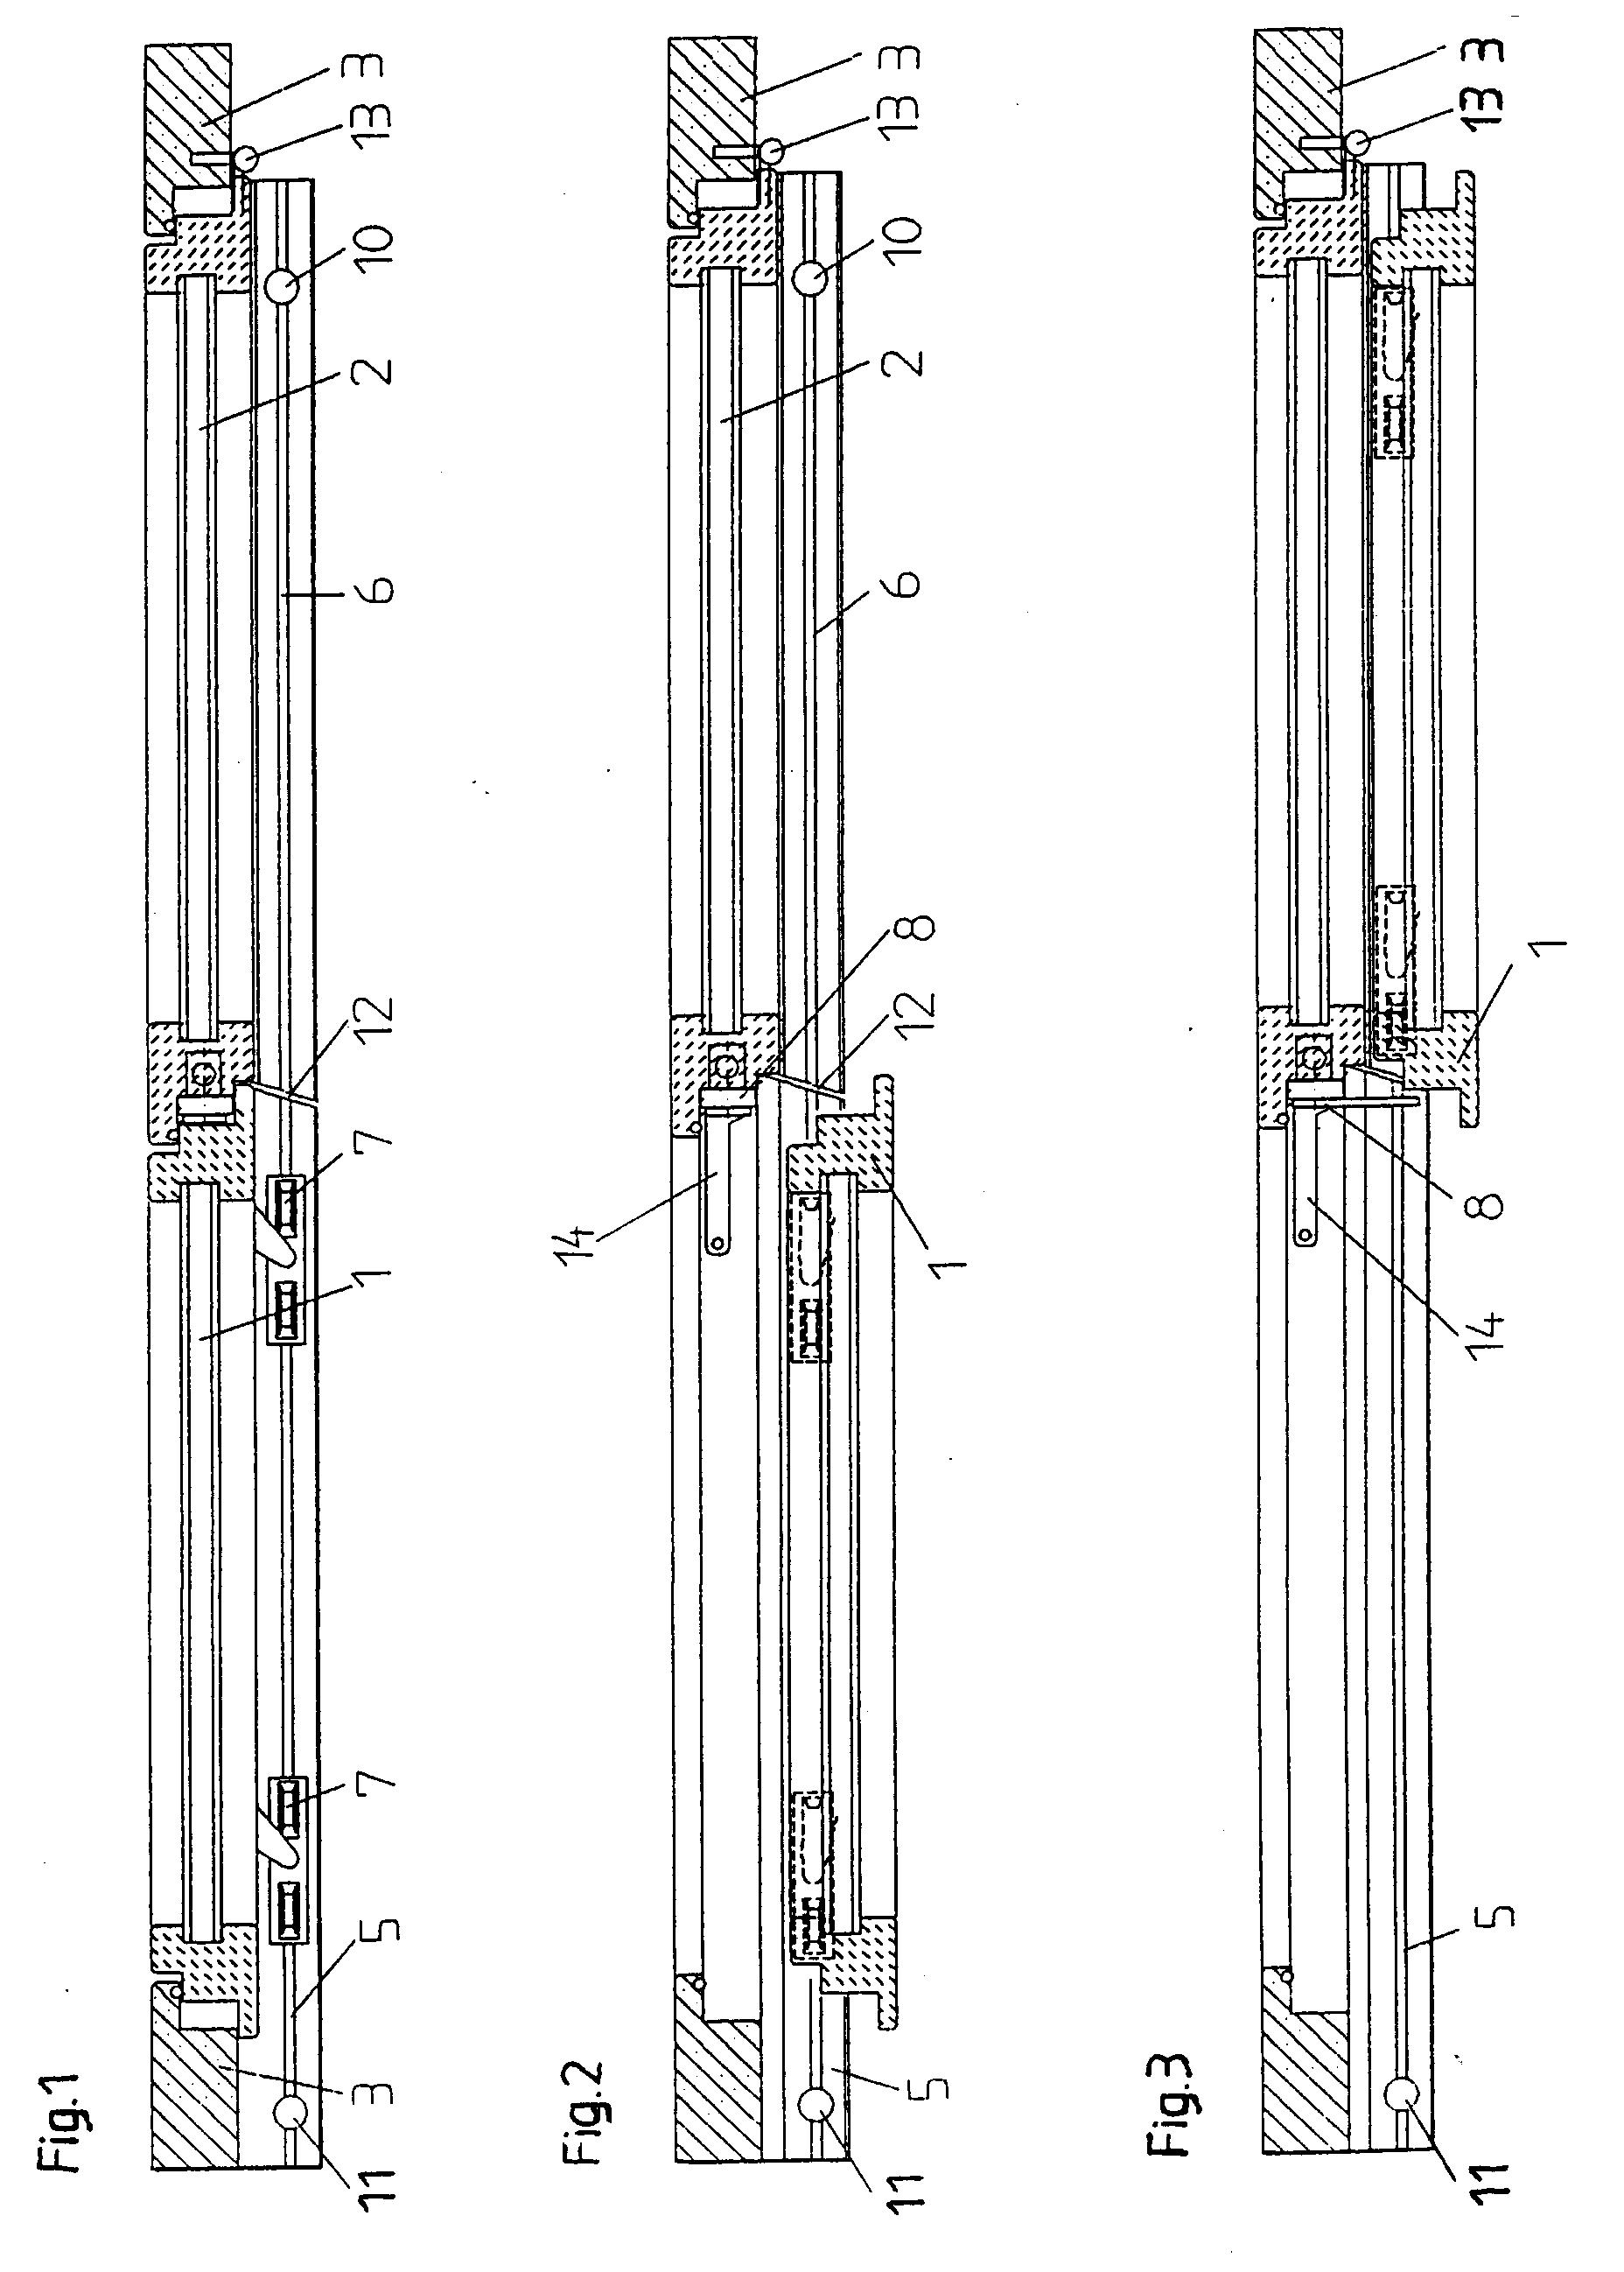 Patent ep0694667a1 schiebeelement insbesondere for Schiebe fenster